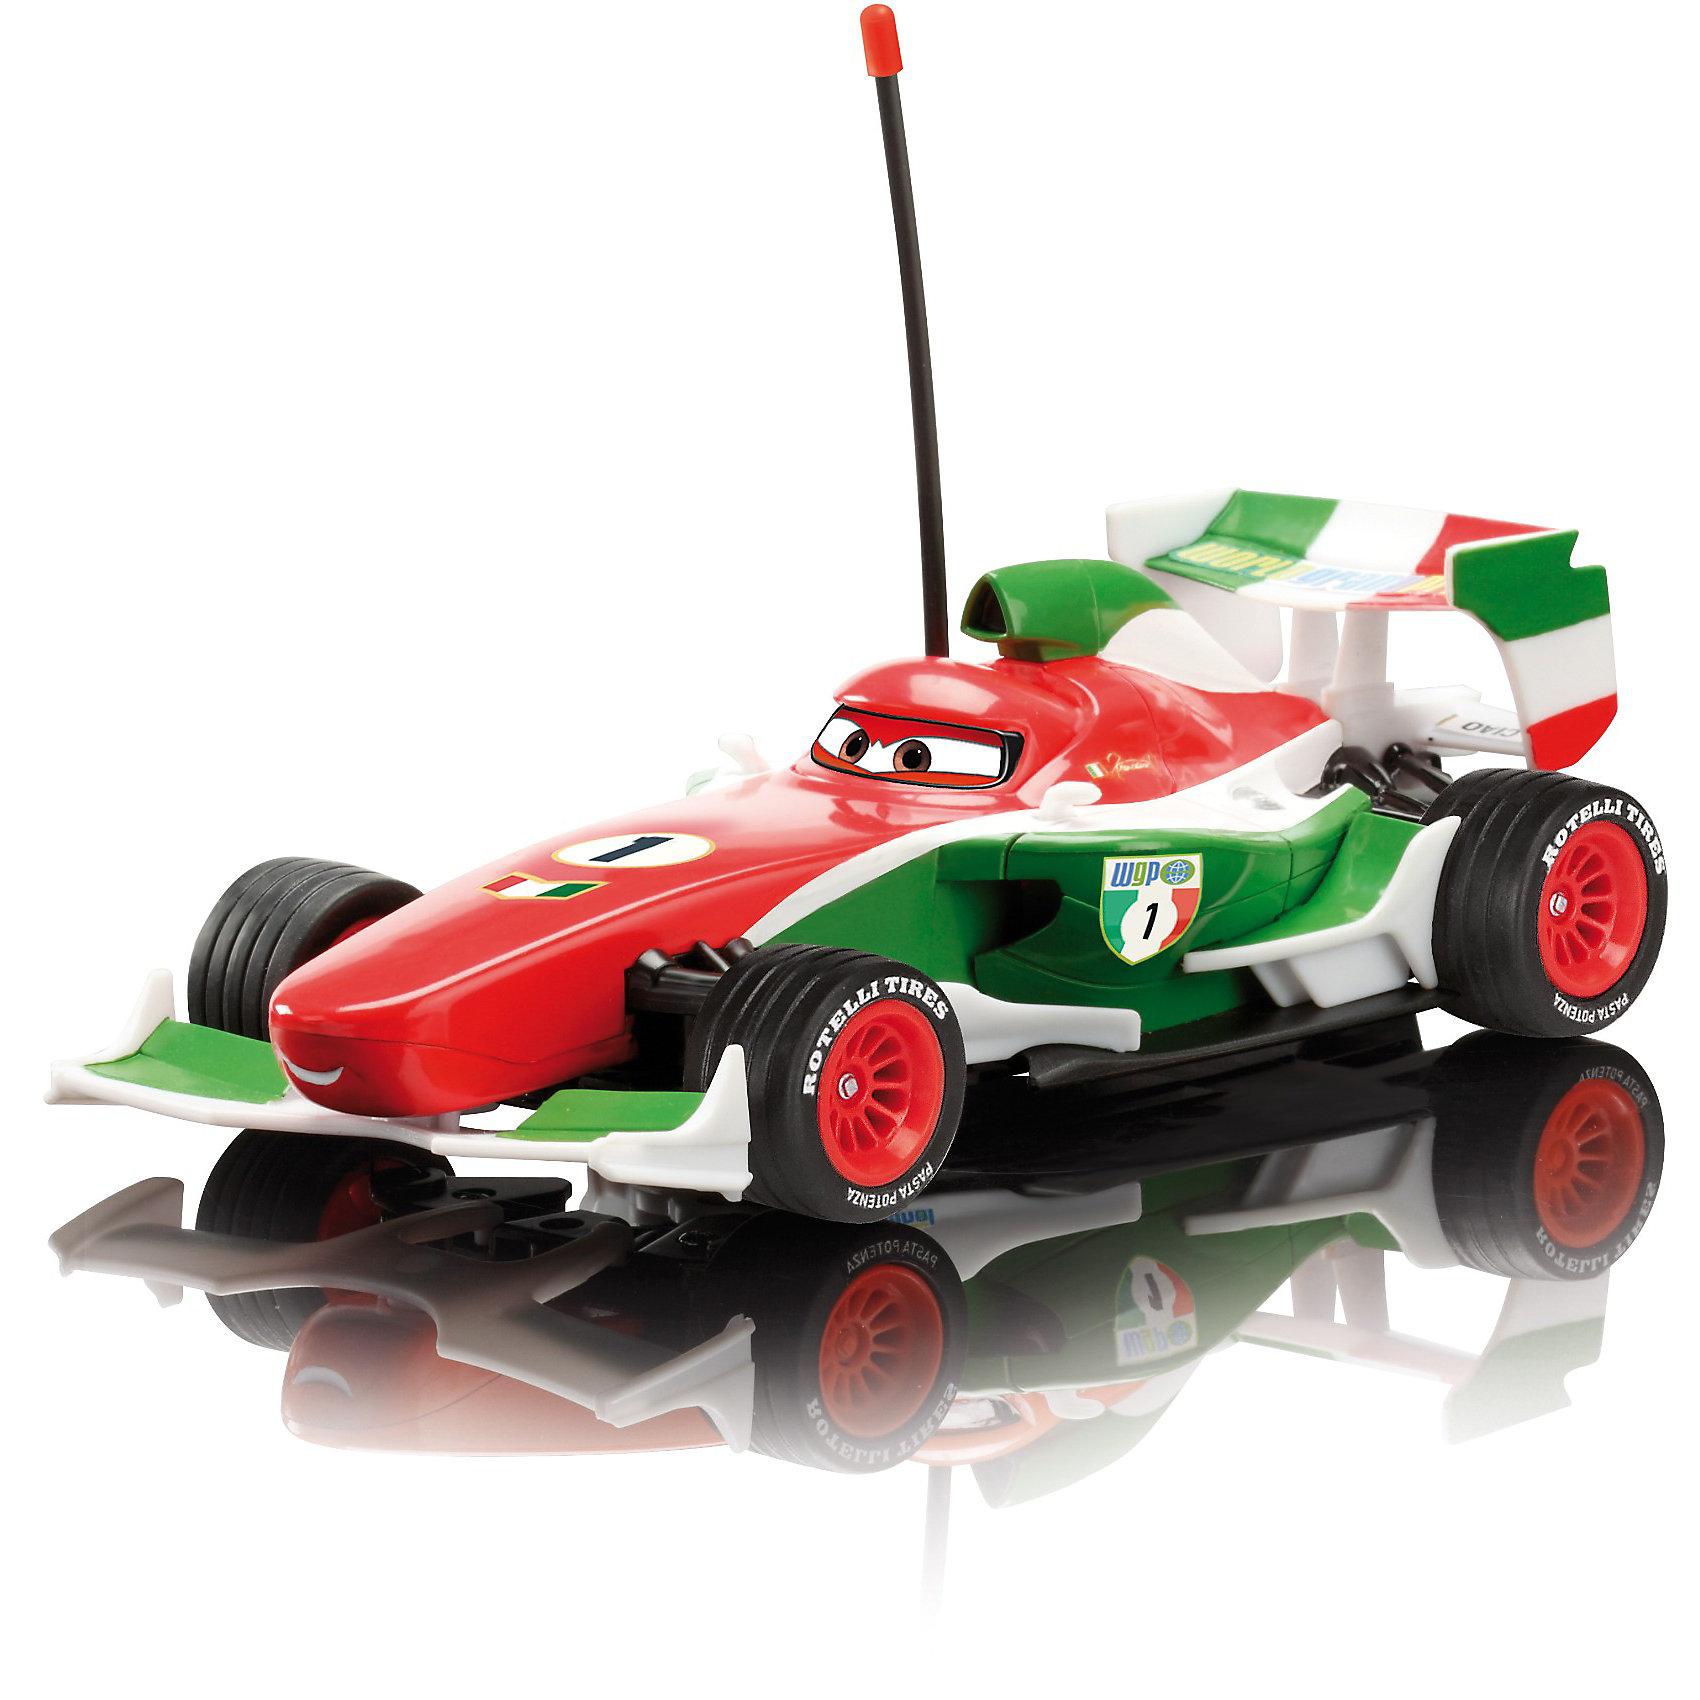 Радиоуправляемая машина Франческо, Тачки, 19 смРадиоуправляемый транспорт<br>Радиоуправляемая машина Франческо Dickie из мультфильма Тачки (Cars) порадует всех юных поклонников  мультсериала. Франческо Бернулли - один из персонажей мультфильма, гоночная машина, претендующая на победу в Гран При, является главным соперником и конкурентом Молнии МакКуина. Внешний вид автомобиля полностью соответствует своему мультперсонажу.<br><br>Управляется машина с помощью пульта, который оснащен гибкими антеннами с пластмассовыми наконечниками, может постепенно разгонятся и ехать назад-вперед, влево-вперед, вправо-вперед, влево-назад, вправо-назад. Автомобиль оснащен прорезиненными большими колесами с красными дисками. <br><br>Двухканальное управление, частота 27+40 МГц. .<br><br>Дополнительная информация:<br><br>- Материал: пластмасса. <br>- Требуются батарейки: 3хААА – для пульта, 2хАА – для машинки (в комплект не входят). <br>- Размер игрушки: 19 см.<br>- Размер упаковки: 28,3 х 14,2 х 14 см.<br>- Вес: 0,506 кг.<br><br>Радиоуправляемую машину Франческо (Тачки (Cars)) Dickie можно купить в нашем интернет-магазине.<br><br>Ширина мм: 283<br>Глубина мм: 142<br>Высота мм: 140<br>Вес г: 506<br>Возраст от месяцев: 72<br>Возраст до месяцев: 1164<br>Пол: Мужской<br>Возраст: Детский<br>SKU: 2200378